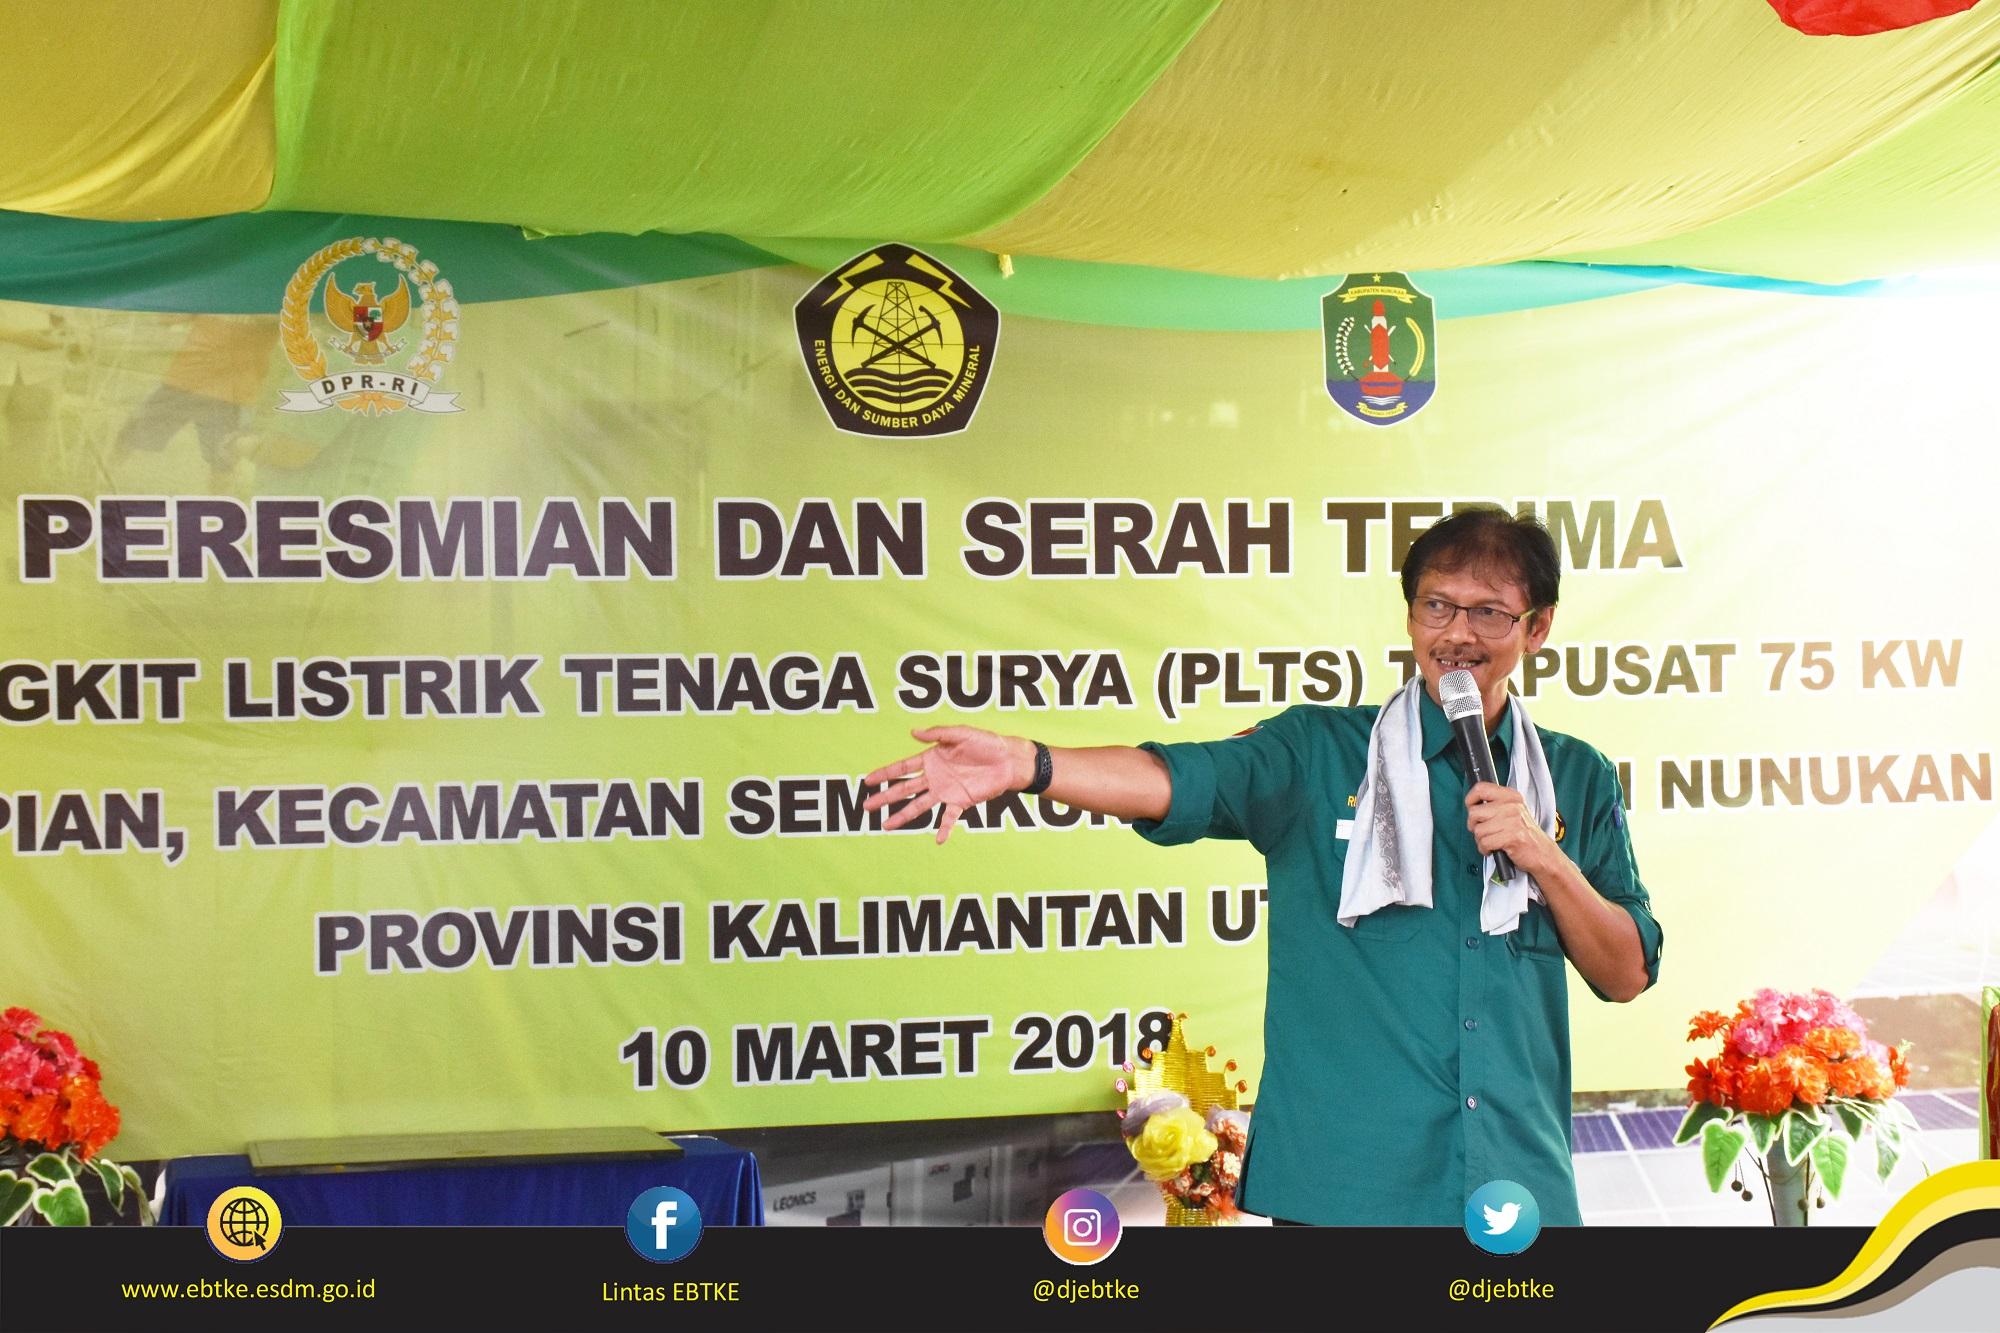 Sambutan Direktur Jenderal EBTKE, Rida Mulyana dalam acara Peresmian PLTS Terpusat di Kabupaten Nunukan